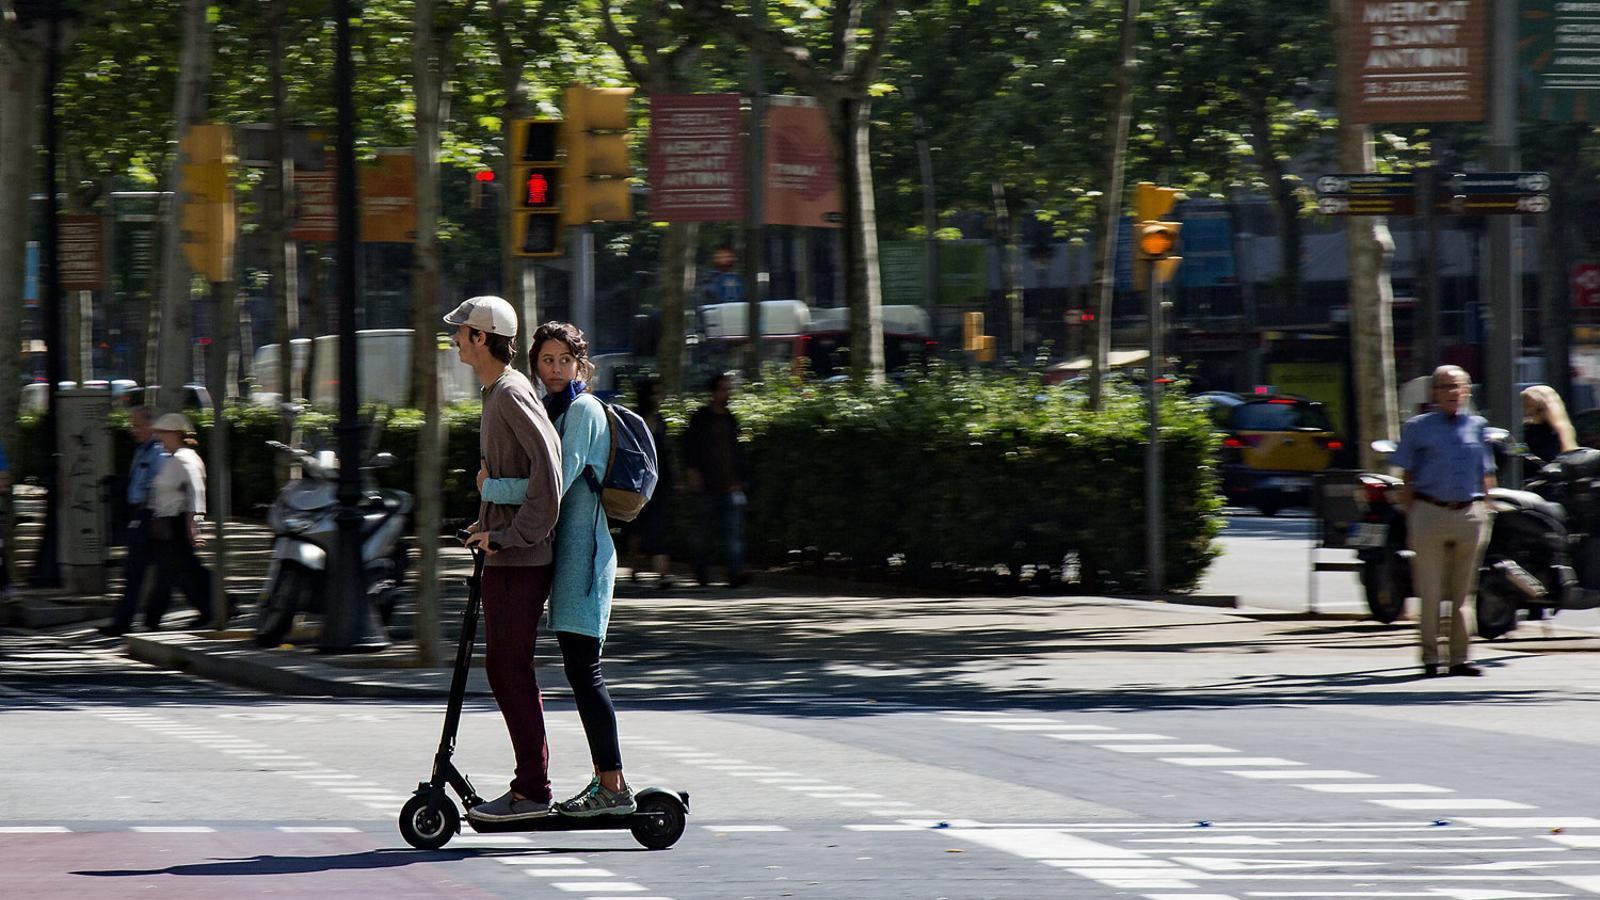 Trànsit vol prohibir que els patinets circulin per la vorera i a més de 25 km/h